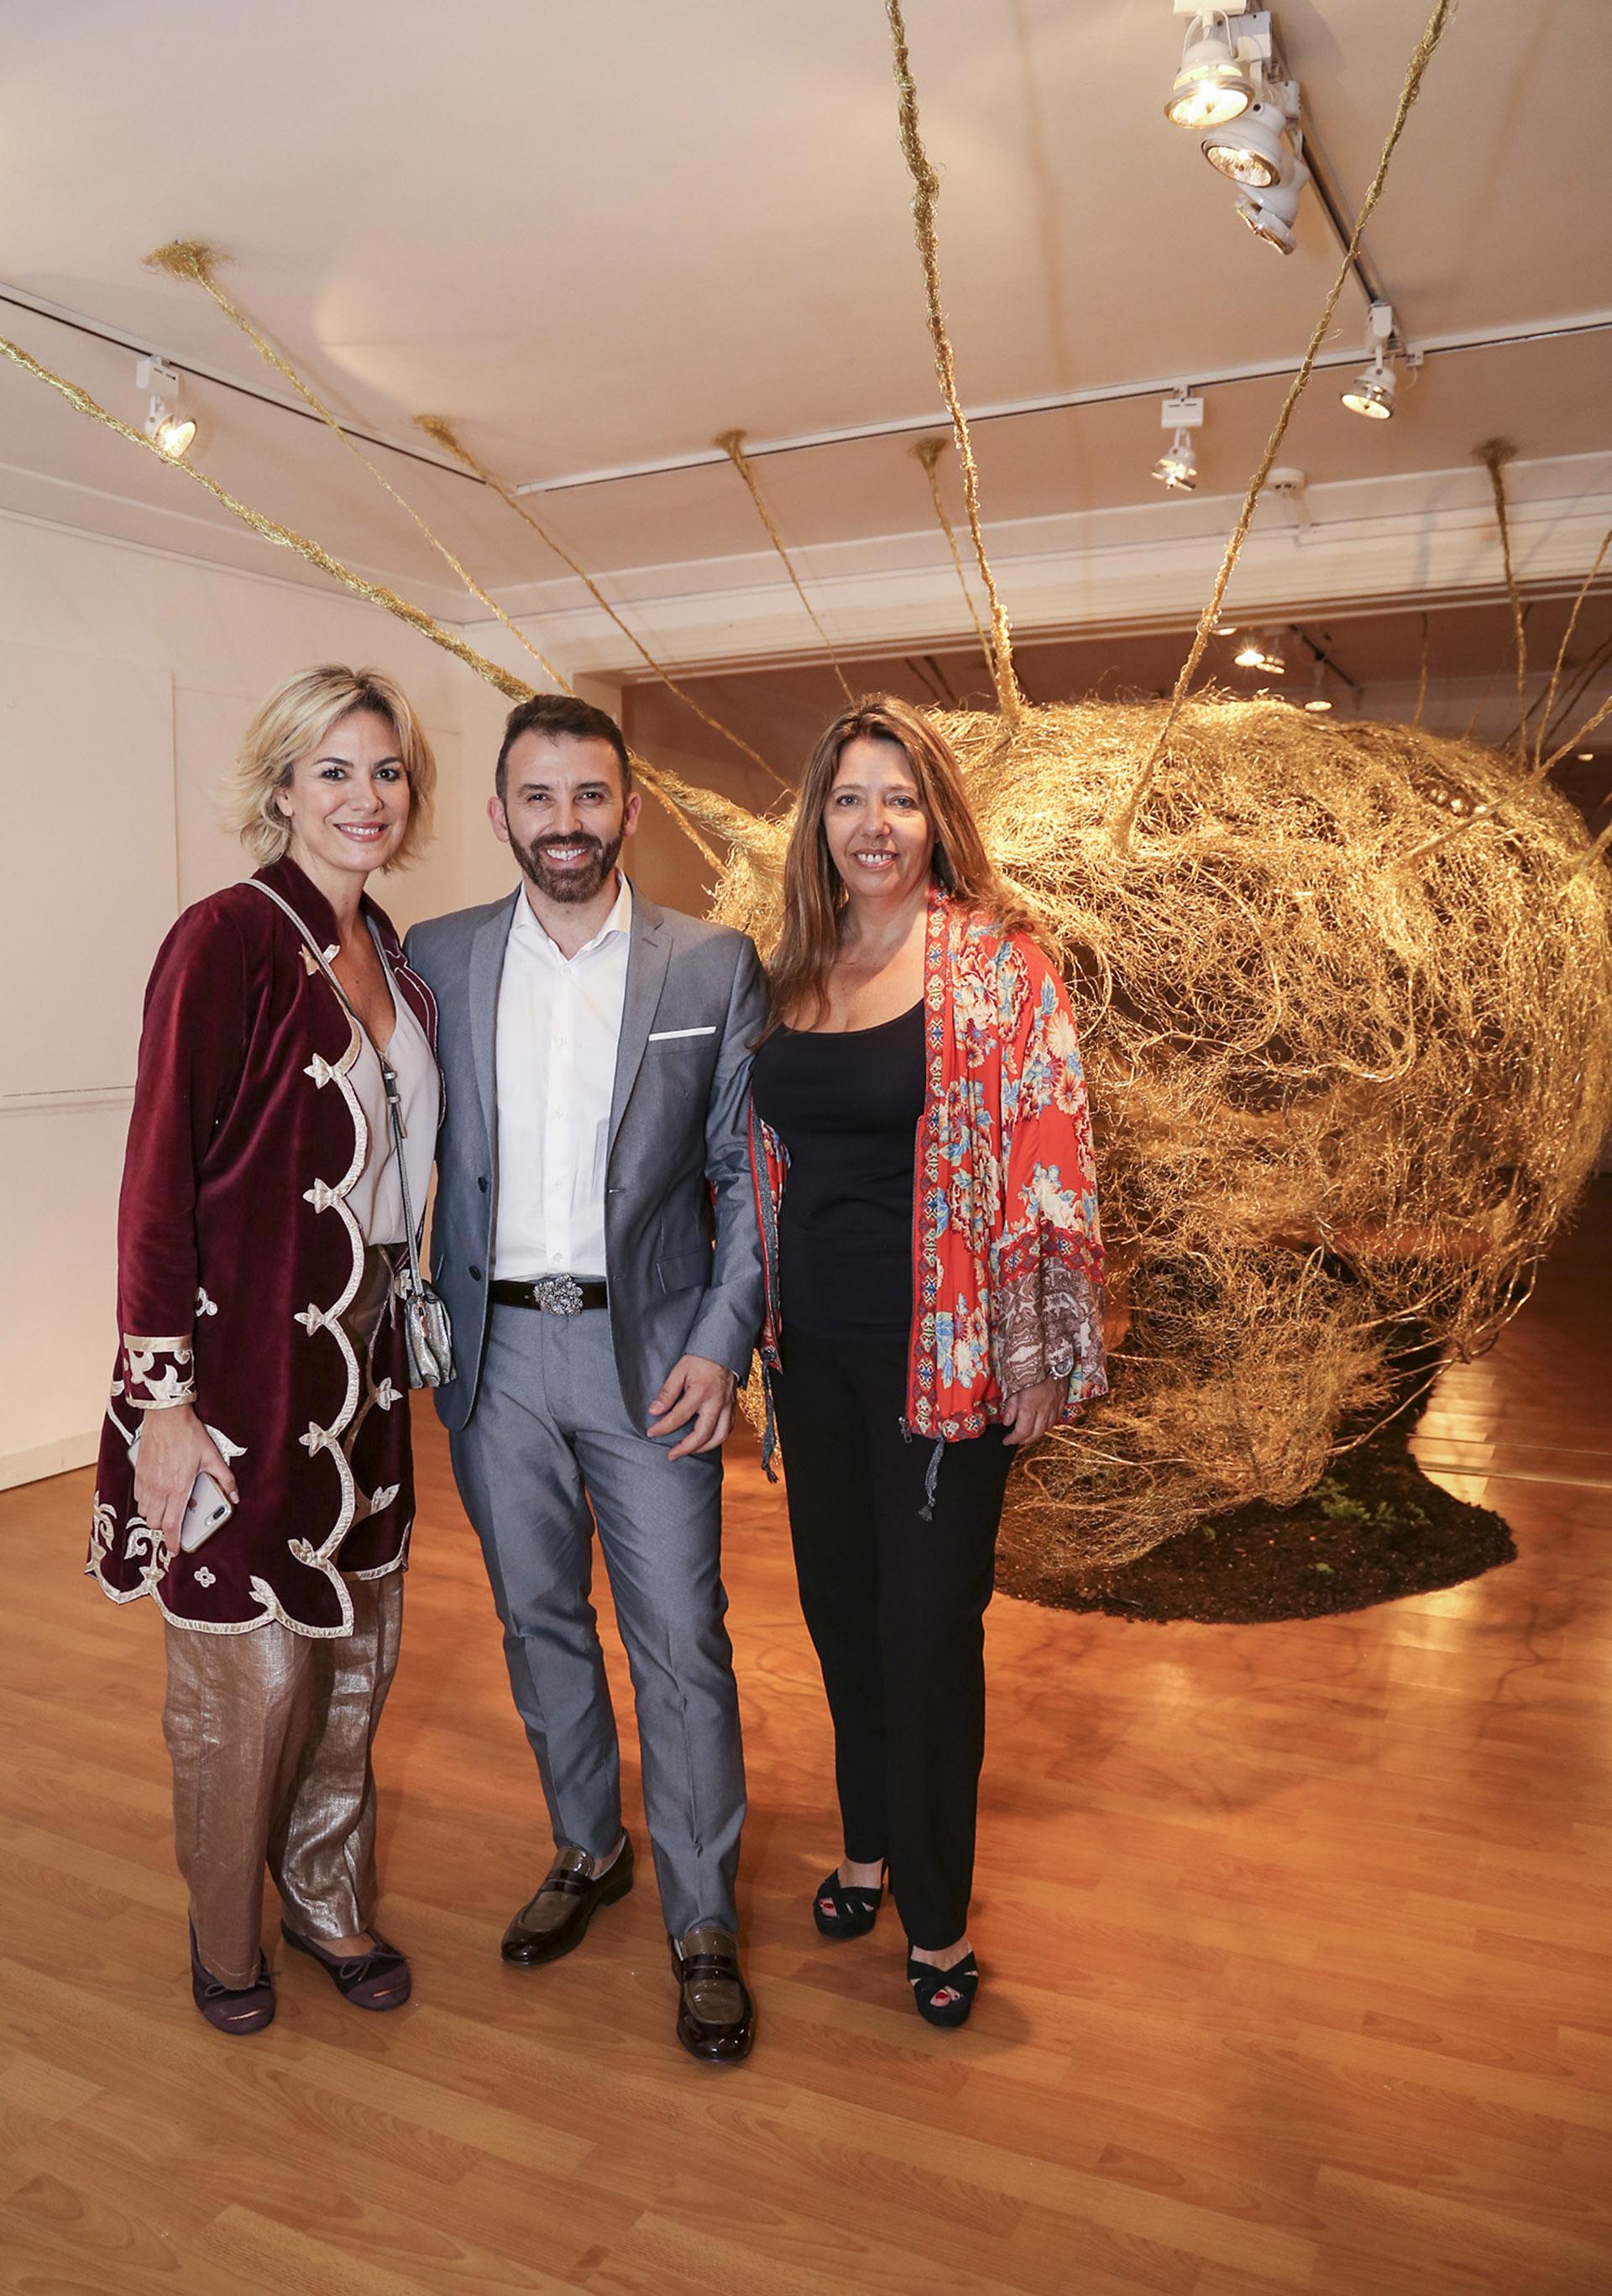 Florencia Florio, Marcelo Toledo y María Claudia Pedrayes